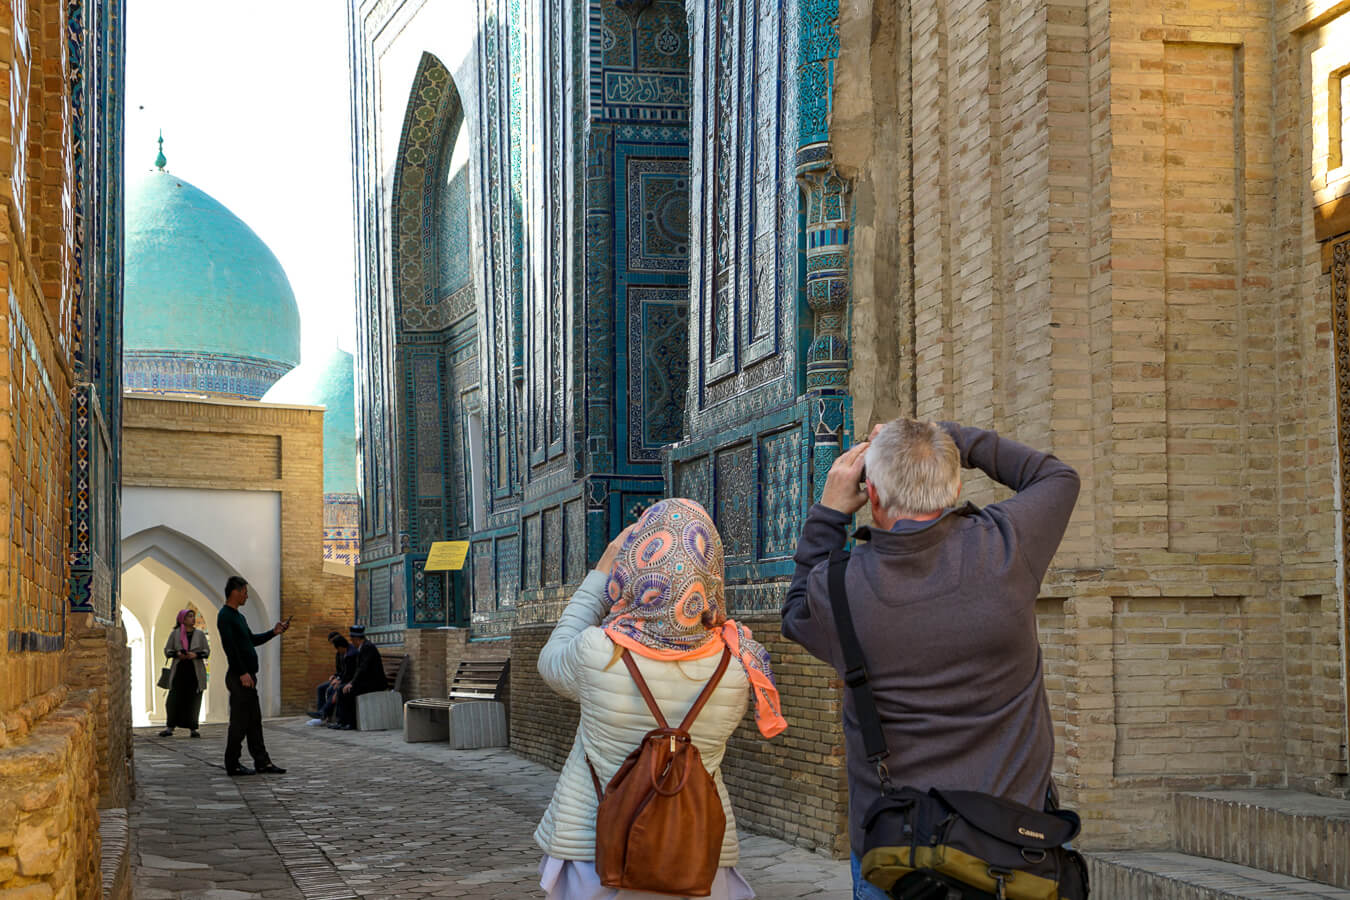 Samarkand, Reisende in Shahizinda mausoleum